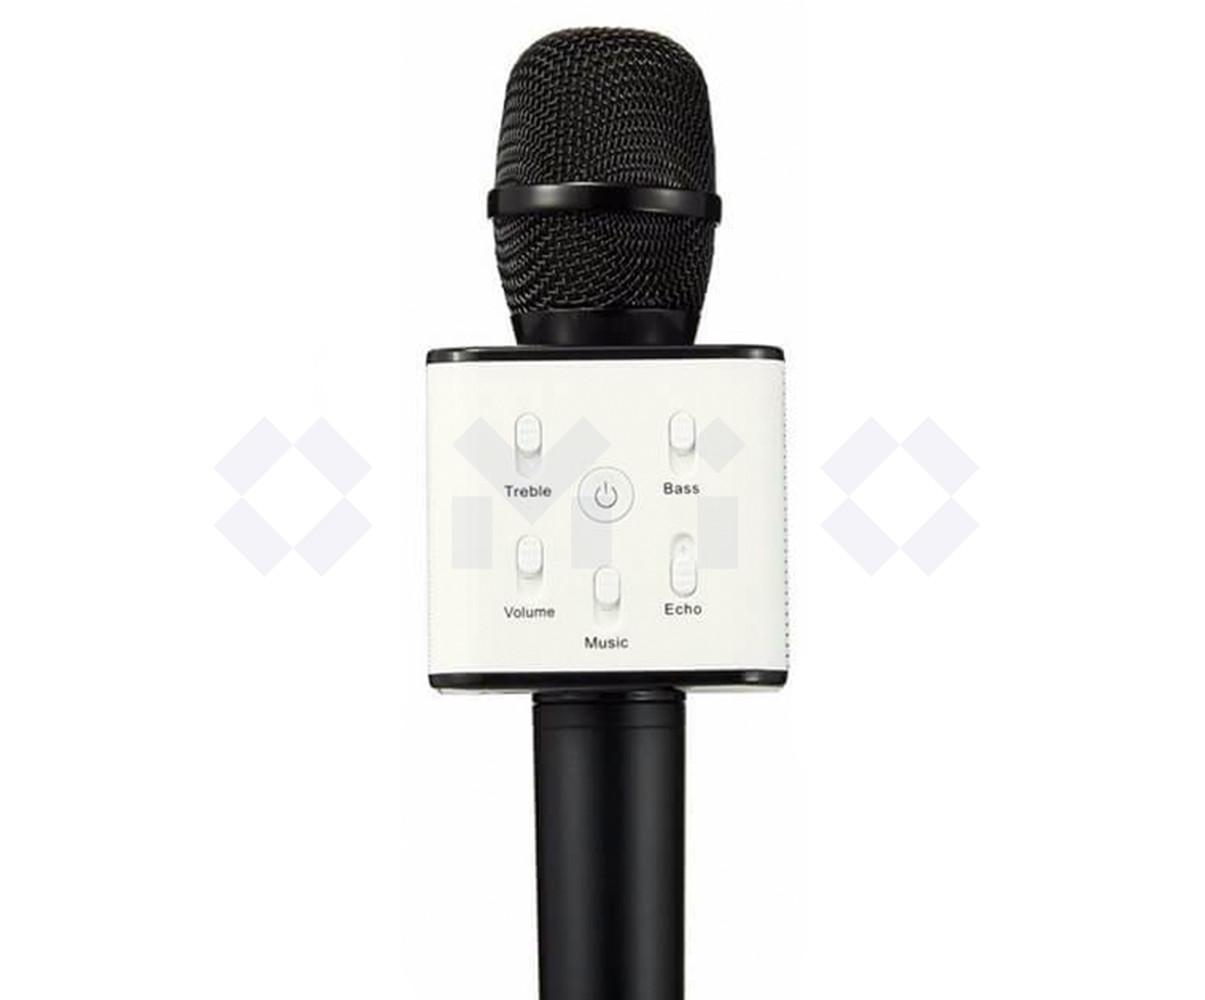 Караоке микрофон Q7 с bluetooth черный цвет (беспроводной микрофон)